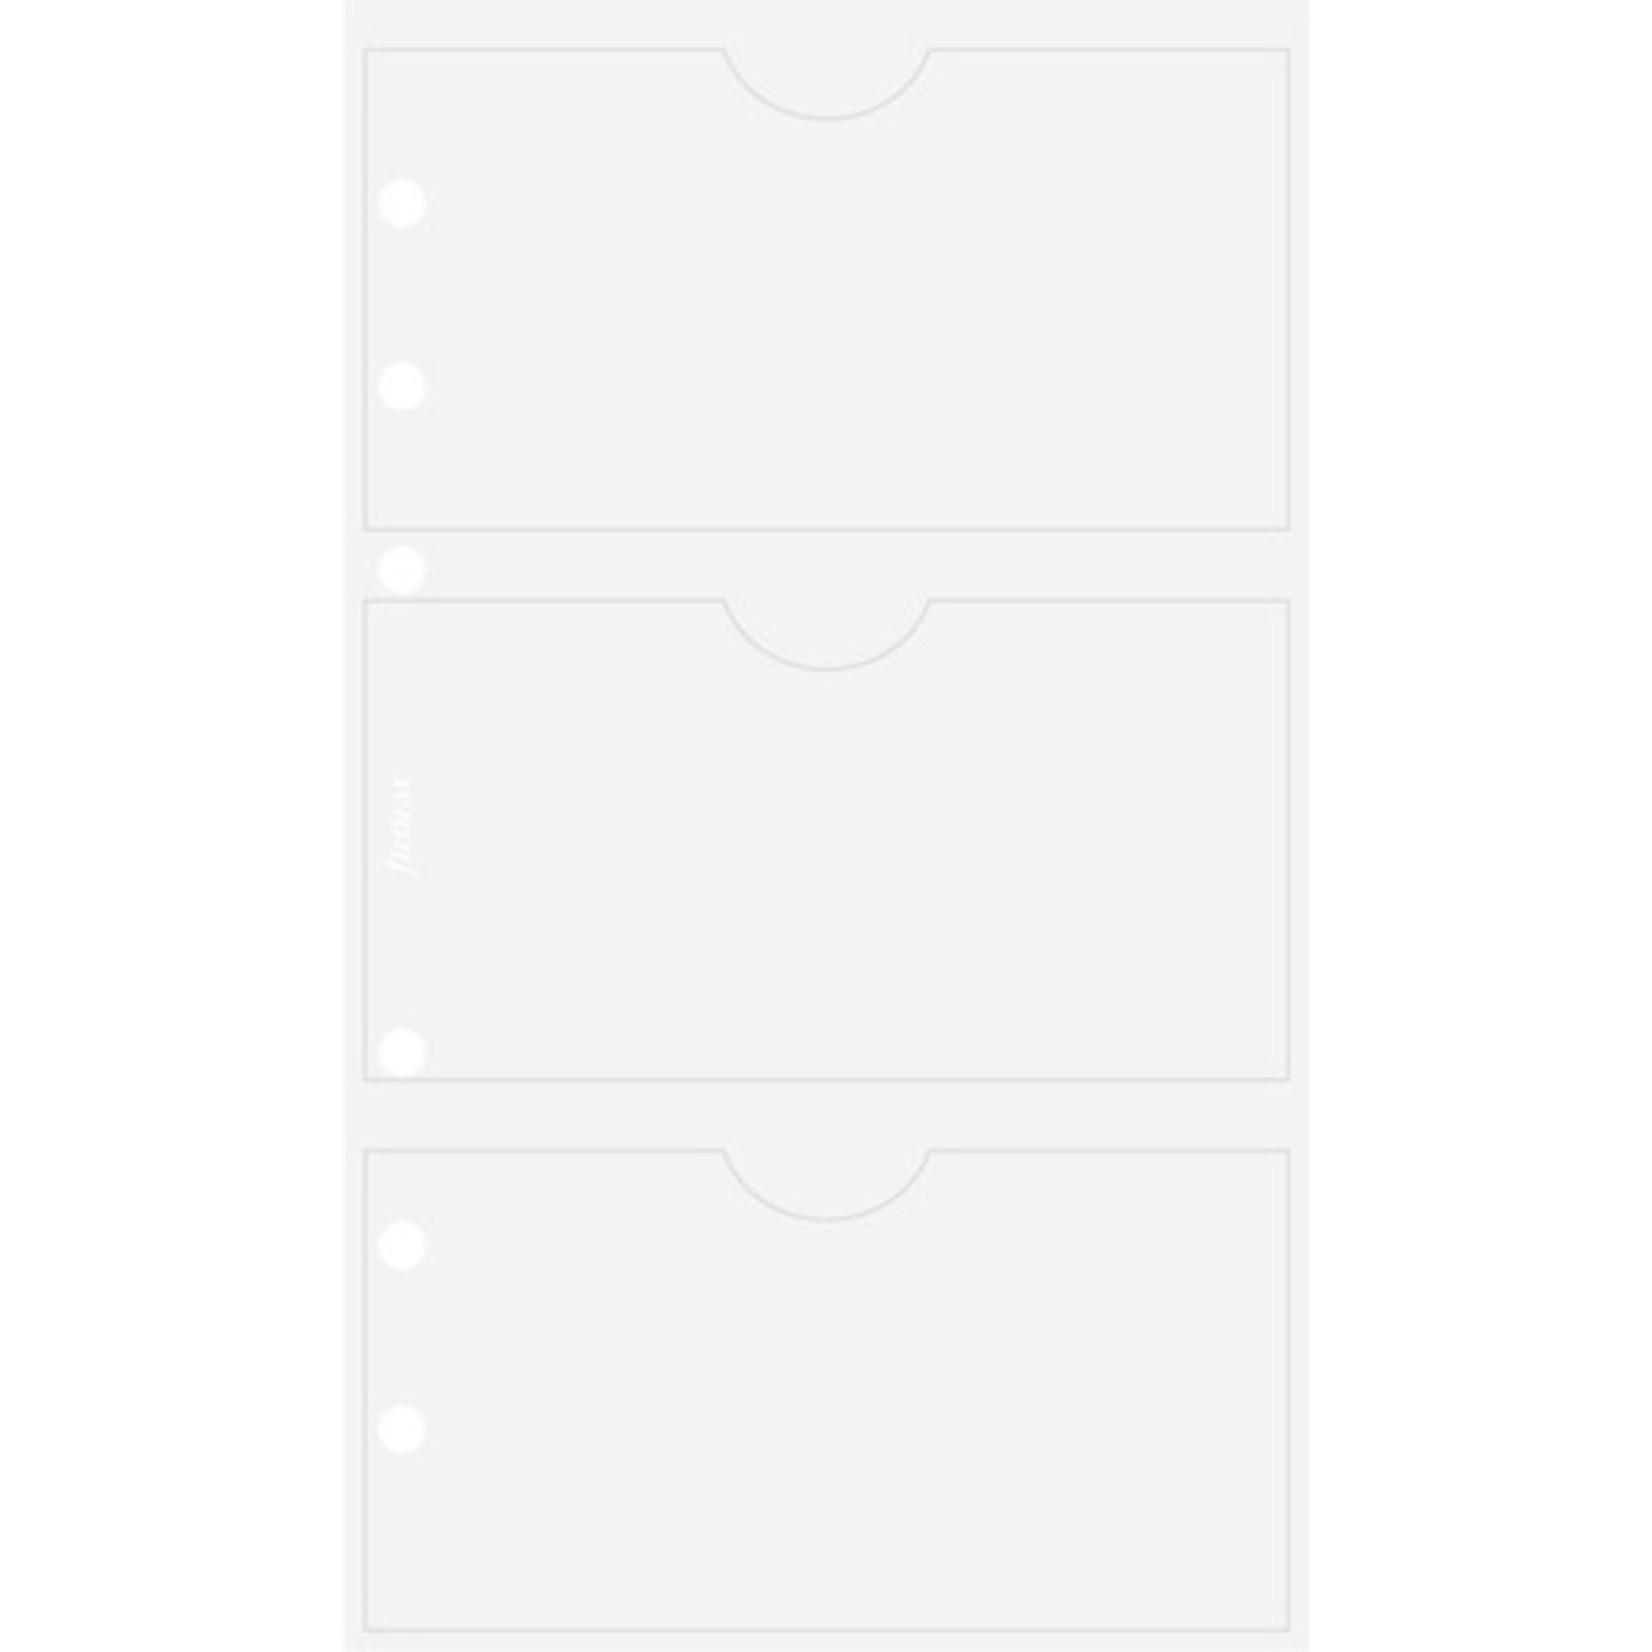 Filofax Filofax Einlage Personal, Visitkartenhülle